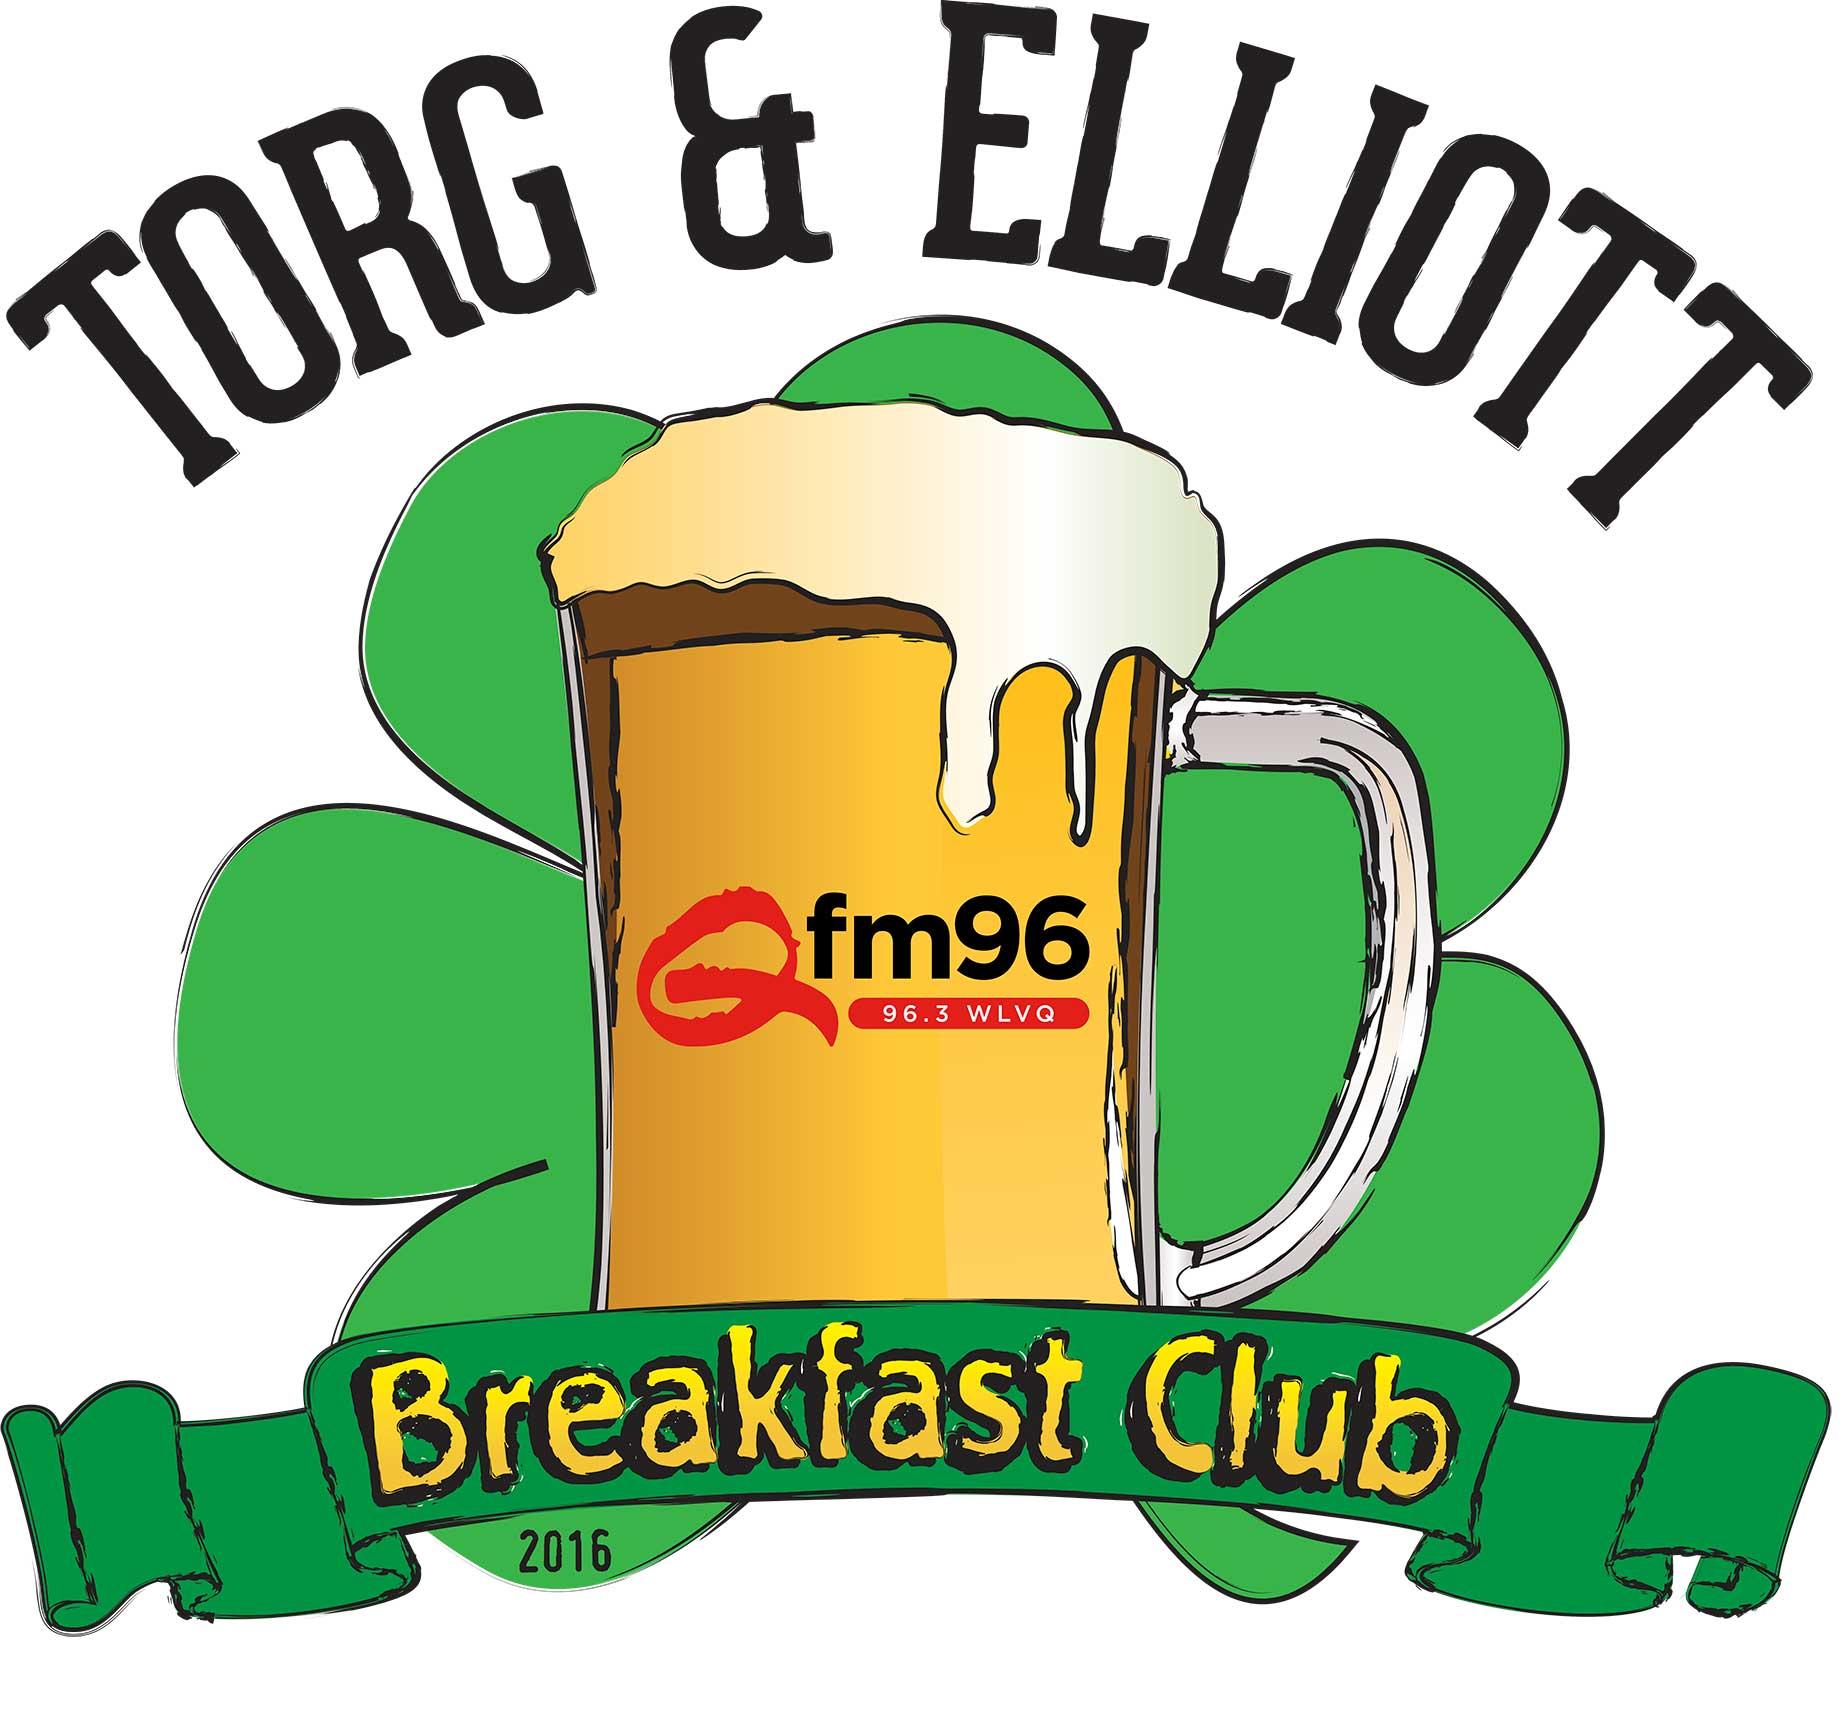 1844x1730 2016 Qfm96 Torg Amp Elliott St. Patrick's Day Breakfast Club Qfm96